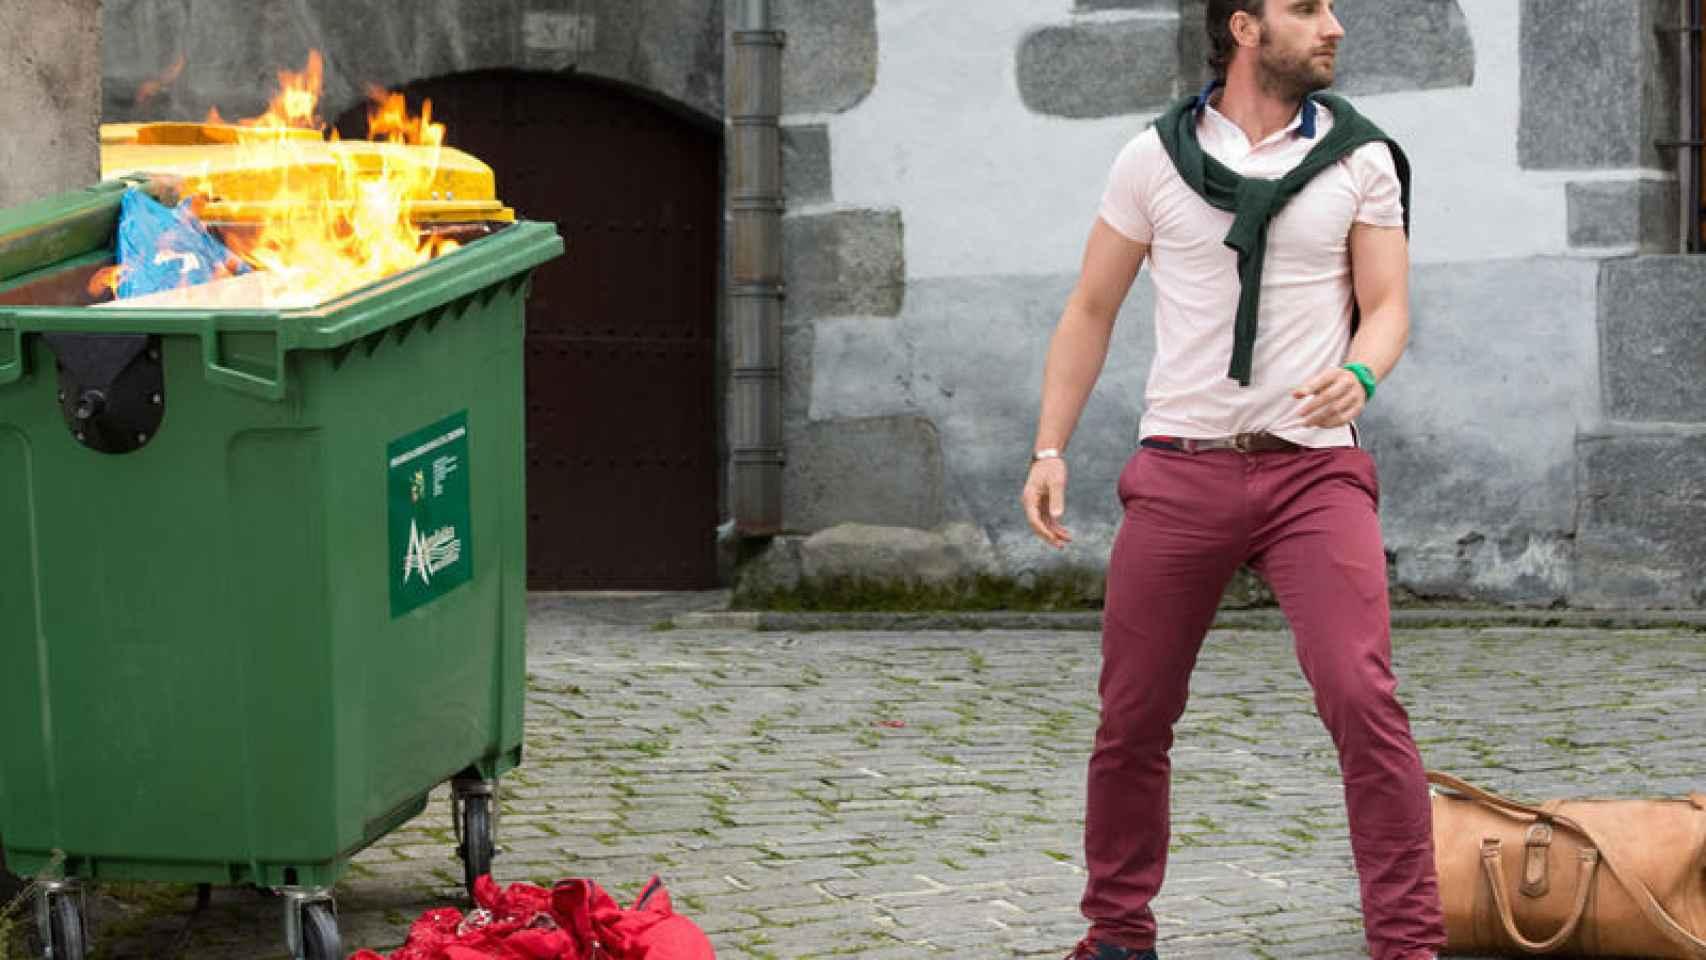 Fotograma de la película Ocho apellidos vascos, en la que el actor Dani Rovira protagoniza a un sevillano que se enamora de una vasca.